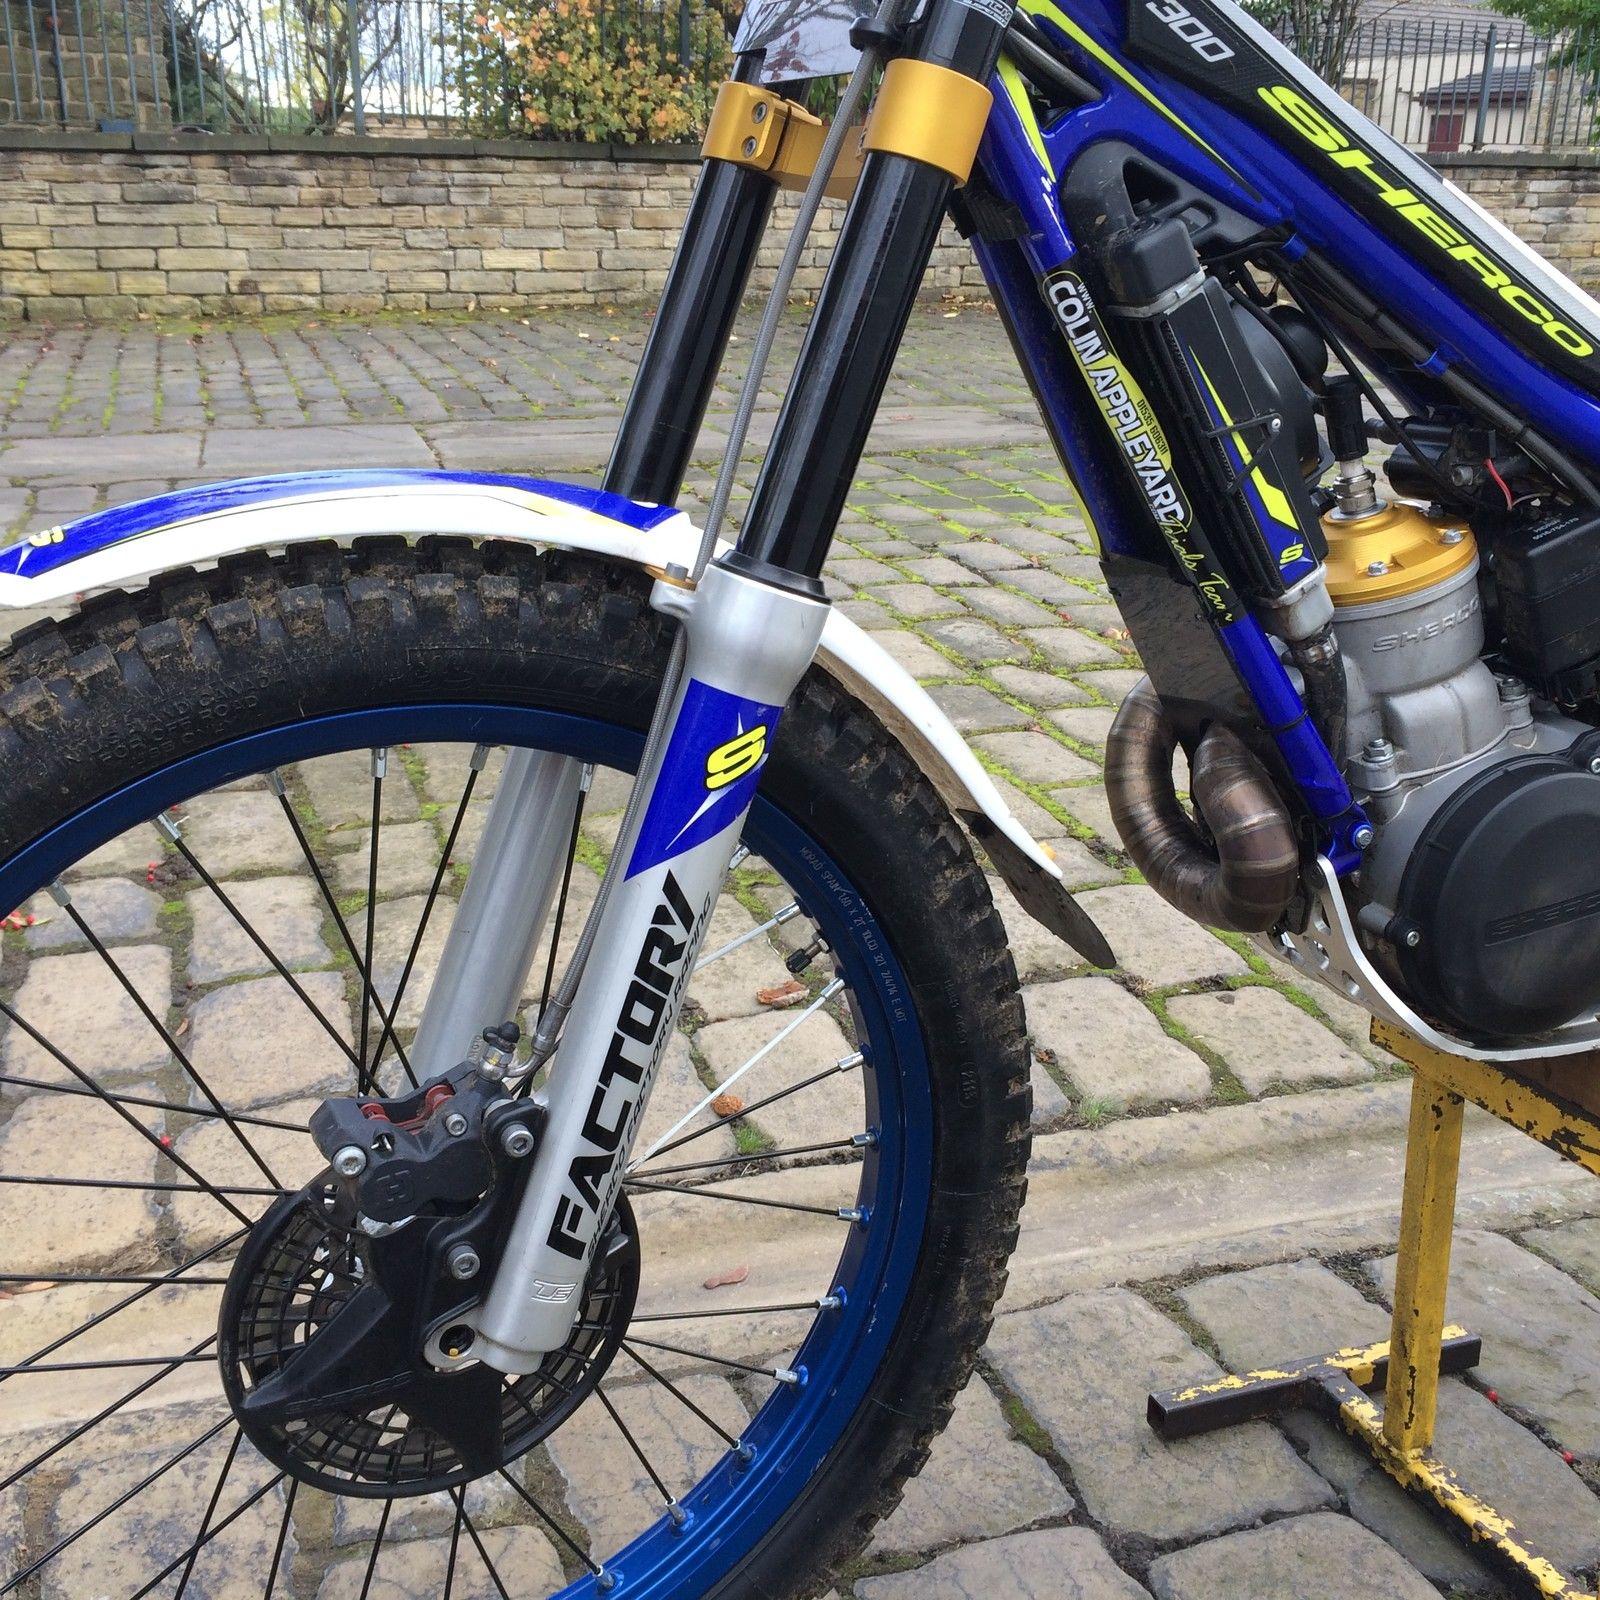 Sherco Factory Trials Bike 2014